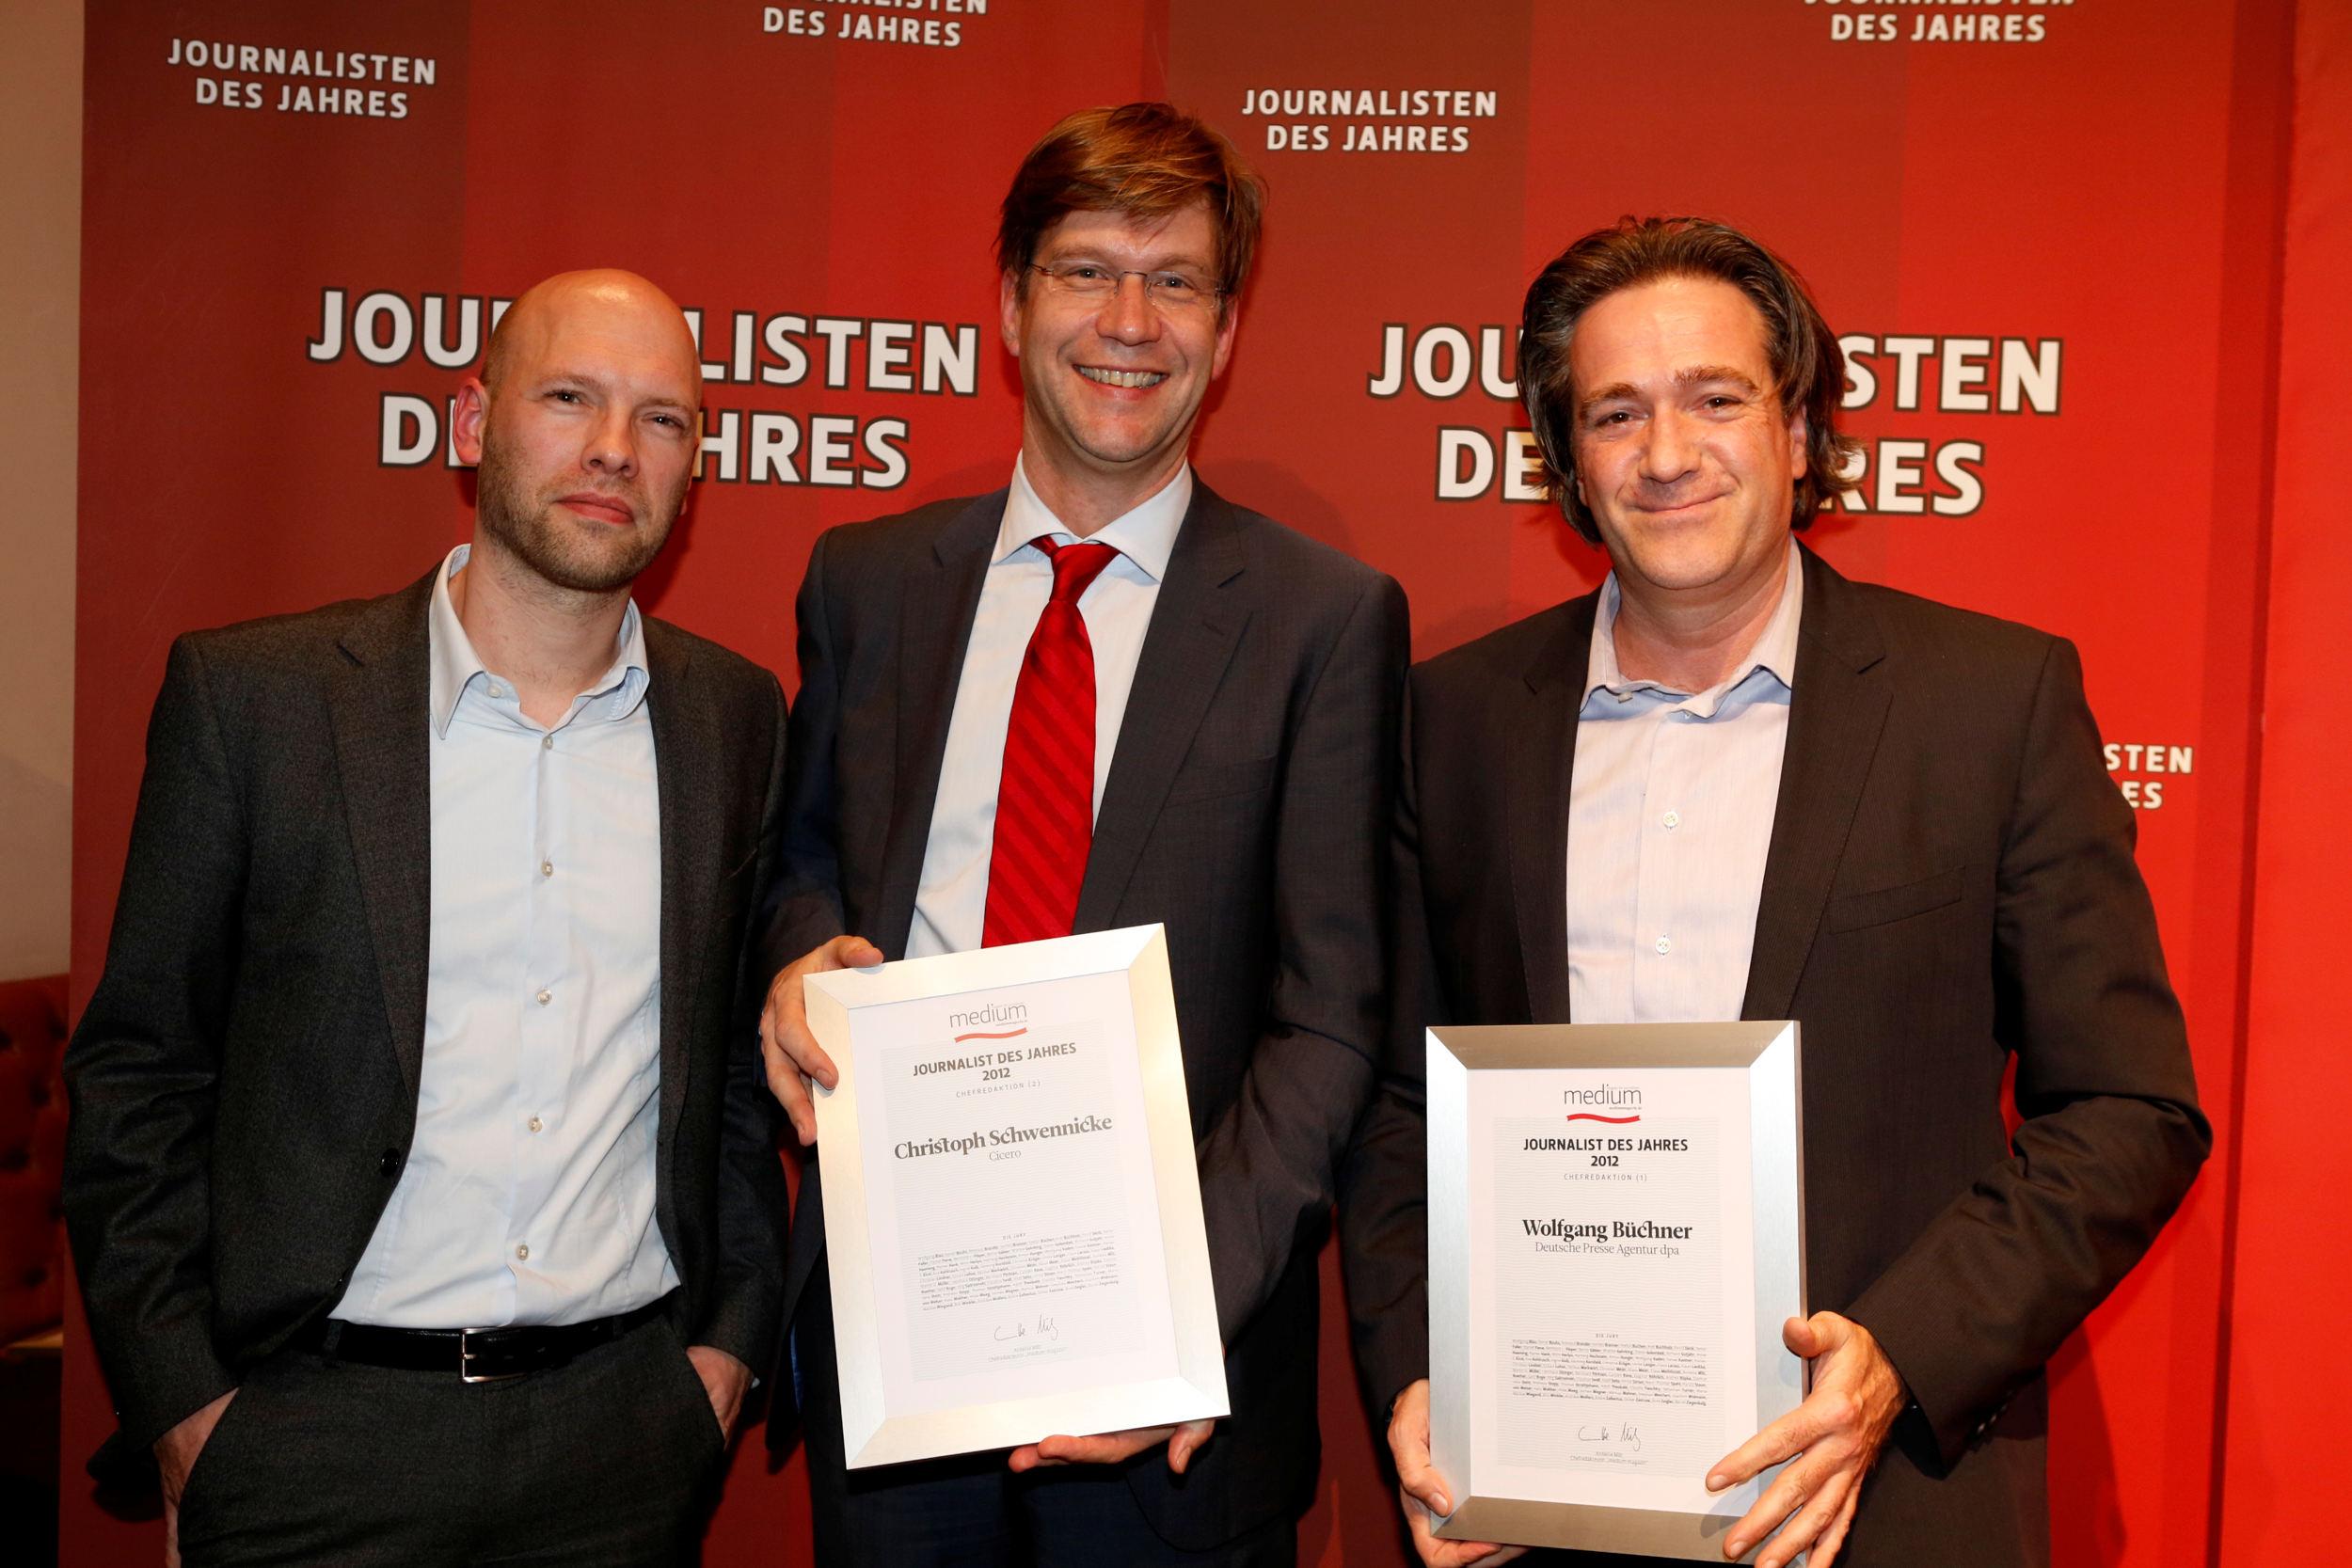 Wolfgang Büchner (dpa) vrnl., Chefredakteur des Jahres 2012 mit Christoph Schwennicke von Cicero (2. Platz) und Laudator Christian Meier (meedia.de)